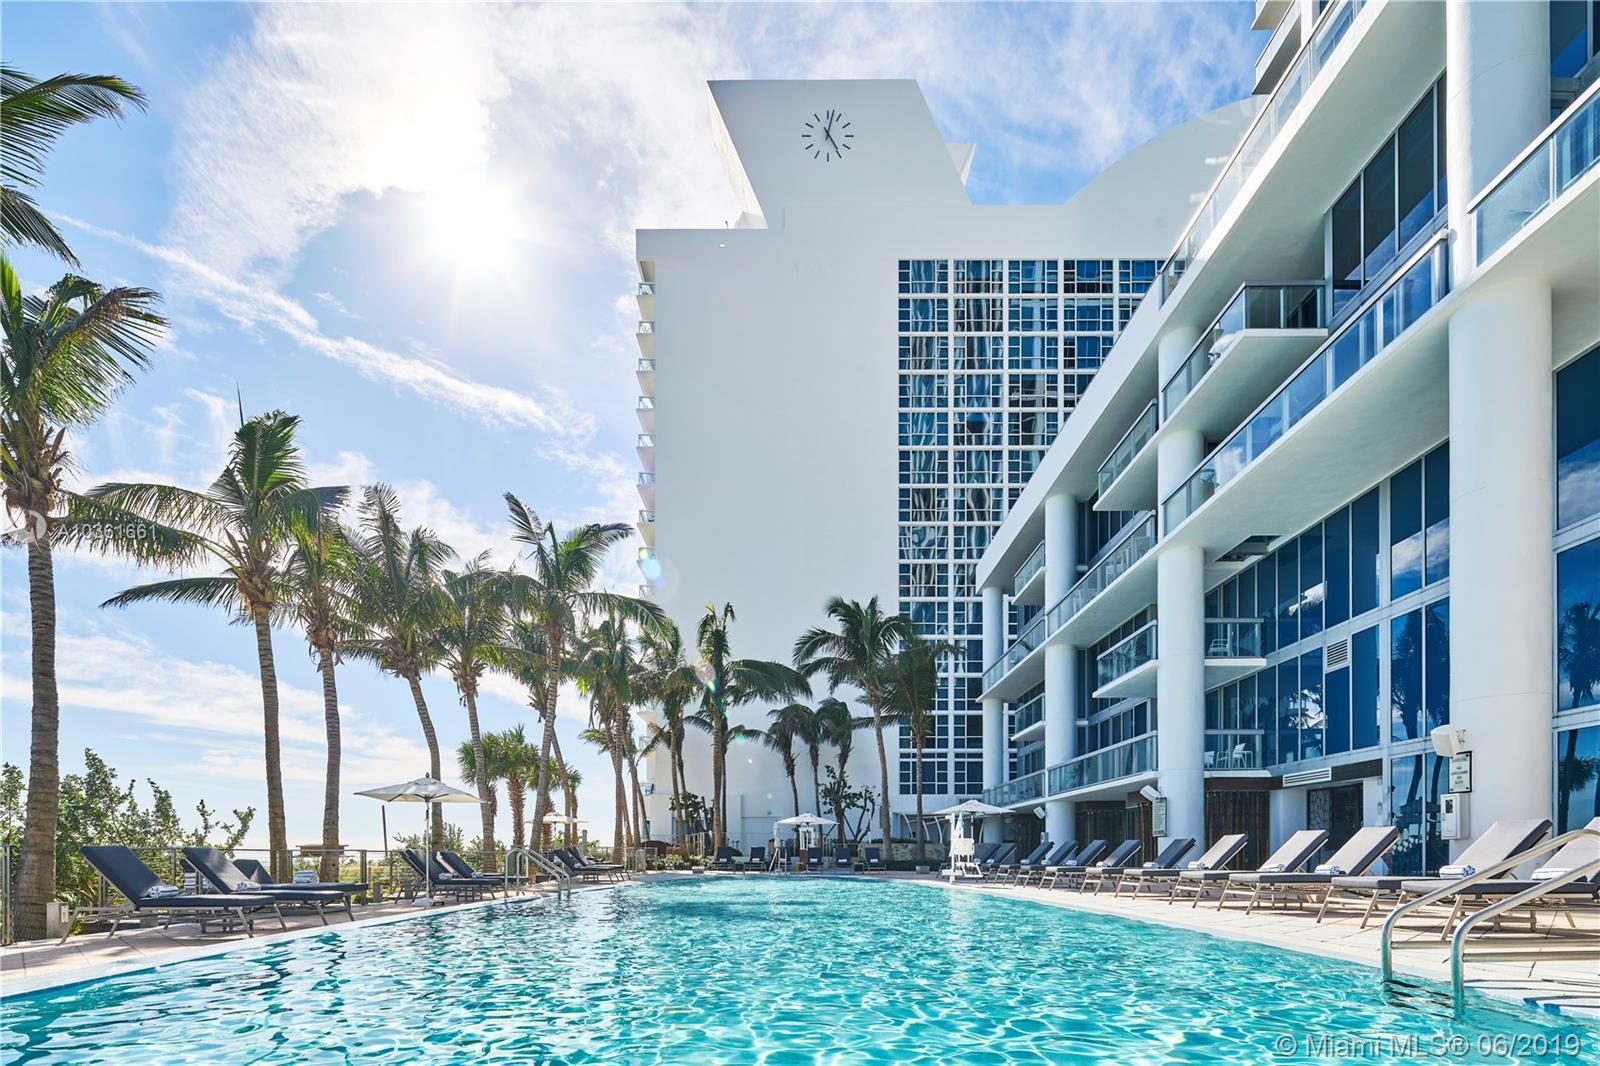 6801 Collins Avenue, Miami Beach, Florida 33141, 2 Bedrooms Bedrooms, ,2 BathroomsBathrooms,Residential,For Sale,6801 Collins Avenue,A10361661